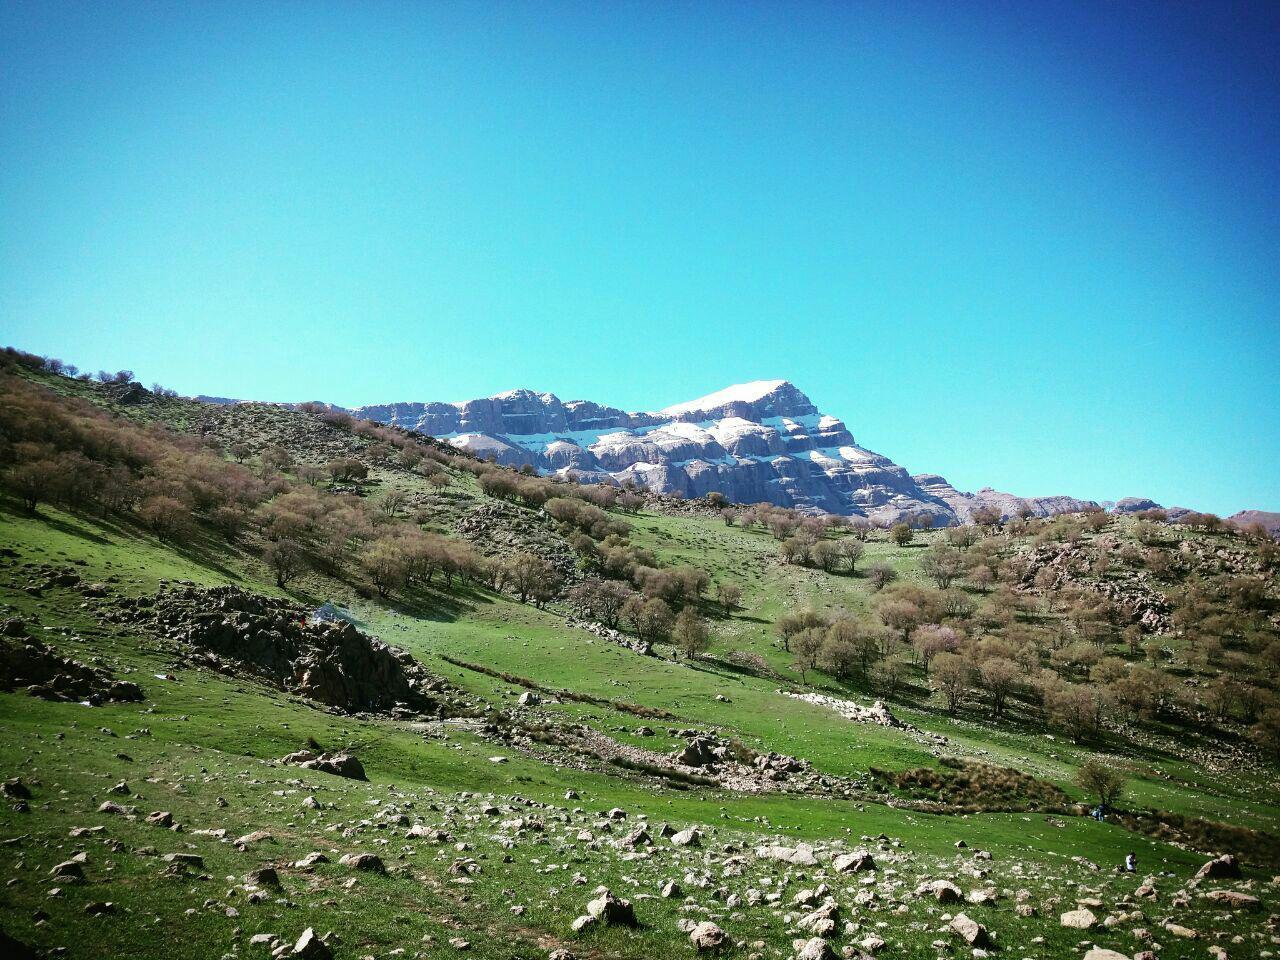 کوه پریز و چشمه راکن